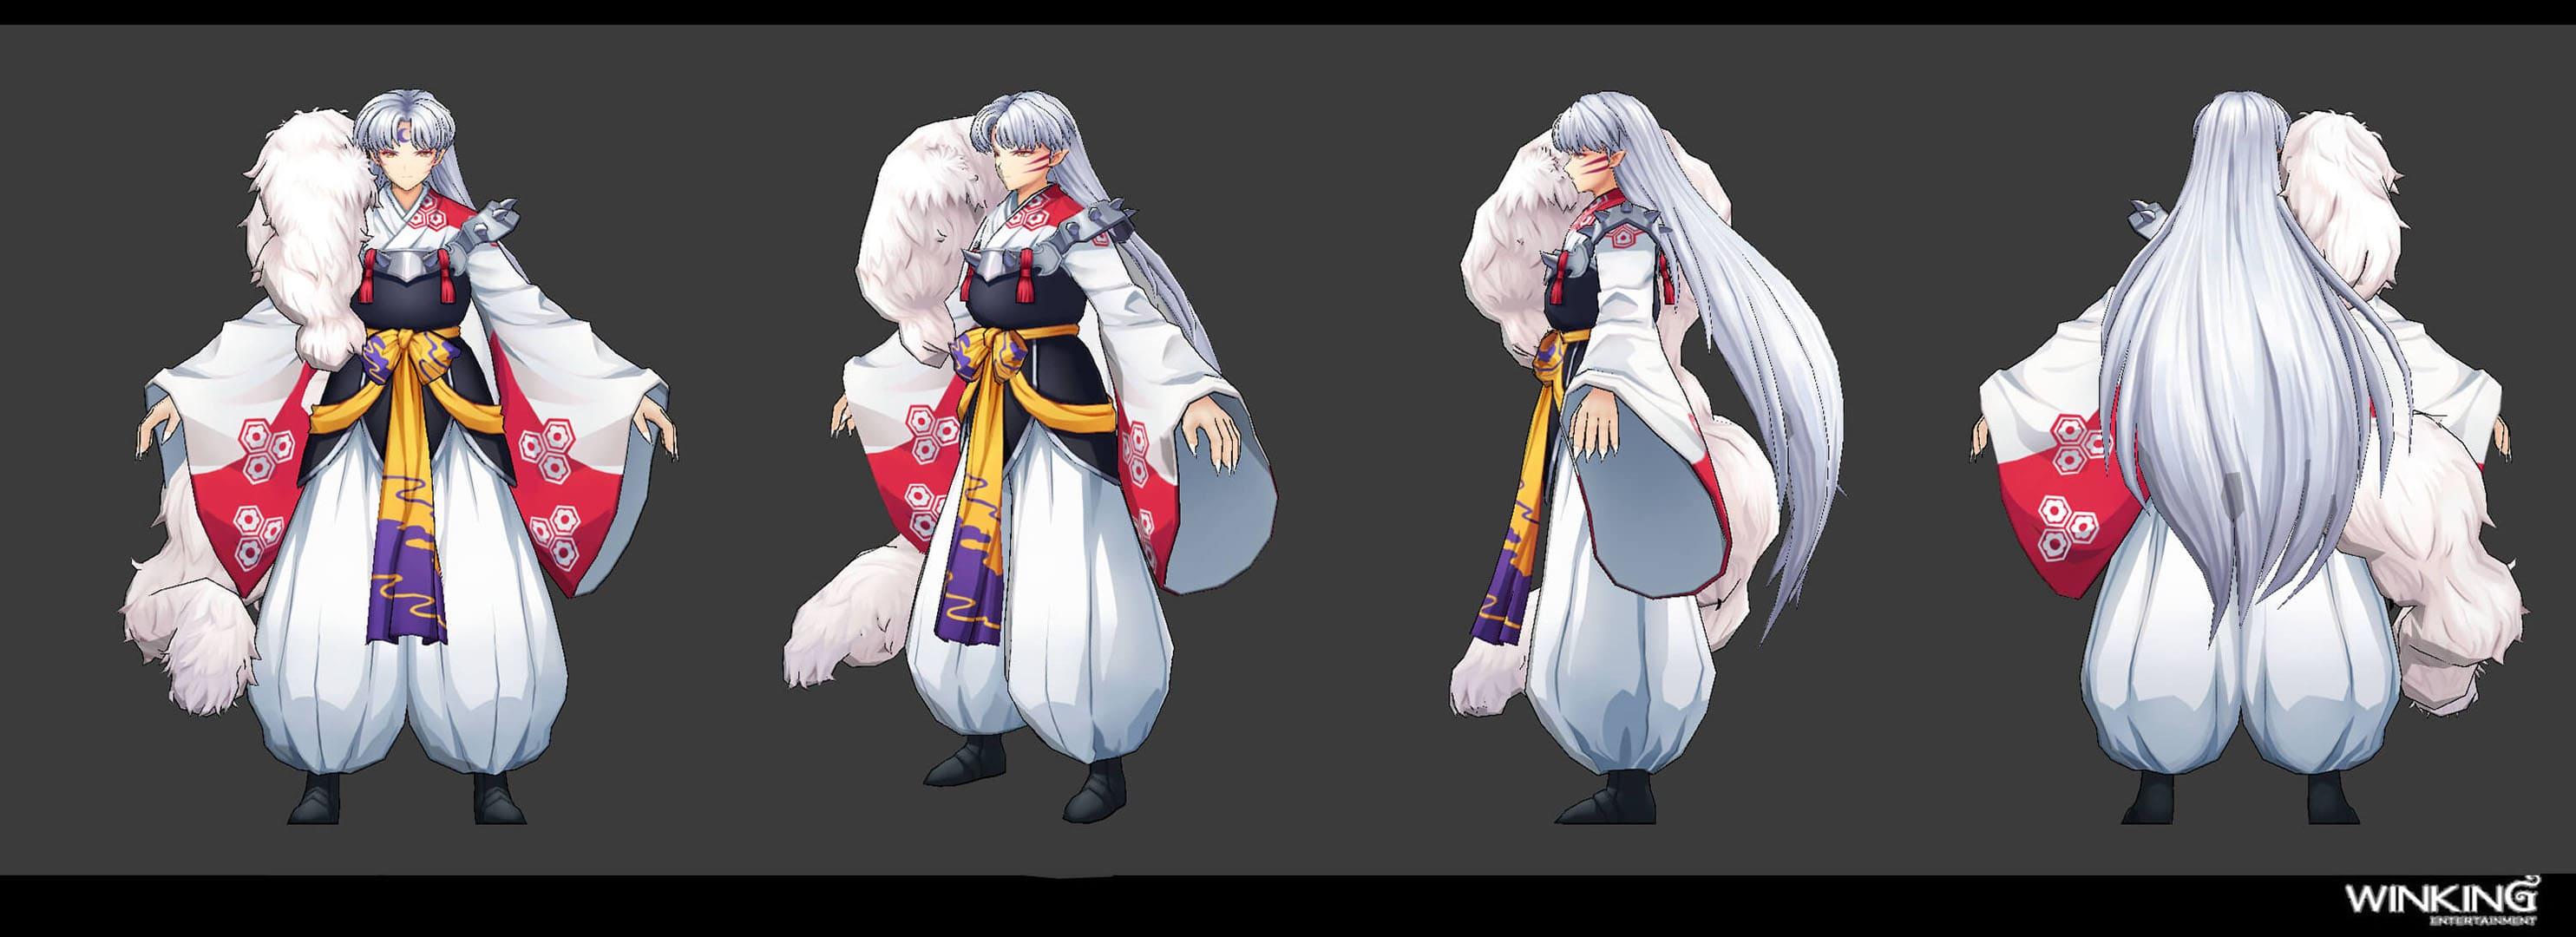 Inuyasha: Battle of Naraku  - 3D 모델링